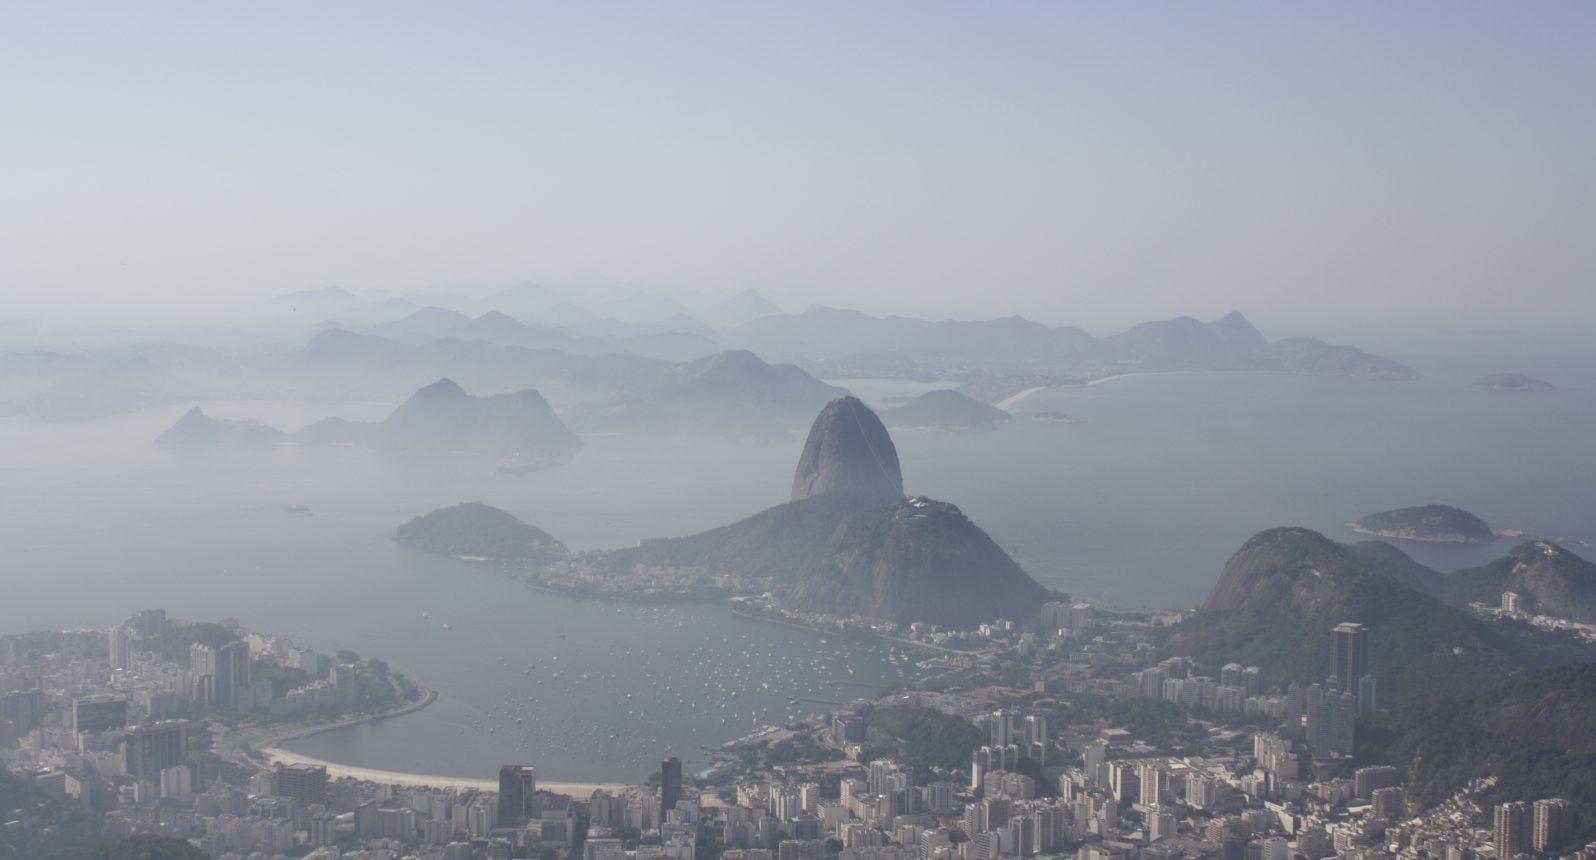 Bird's-eye view of Guanabara Bay from Corcovado mountainRio de Janeiro, Brazil